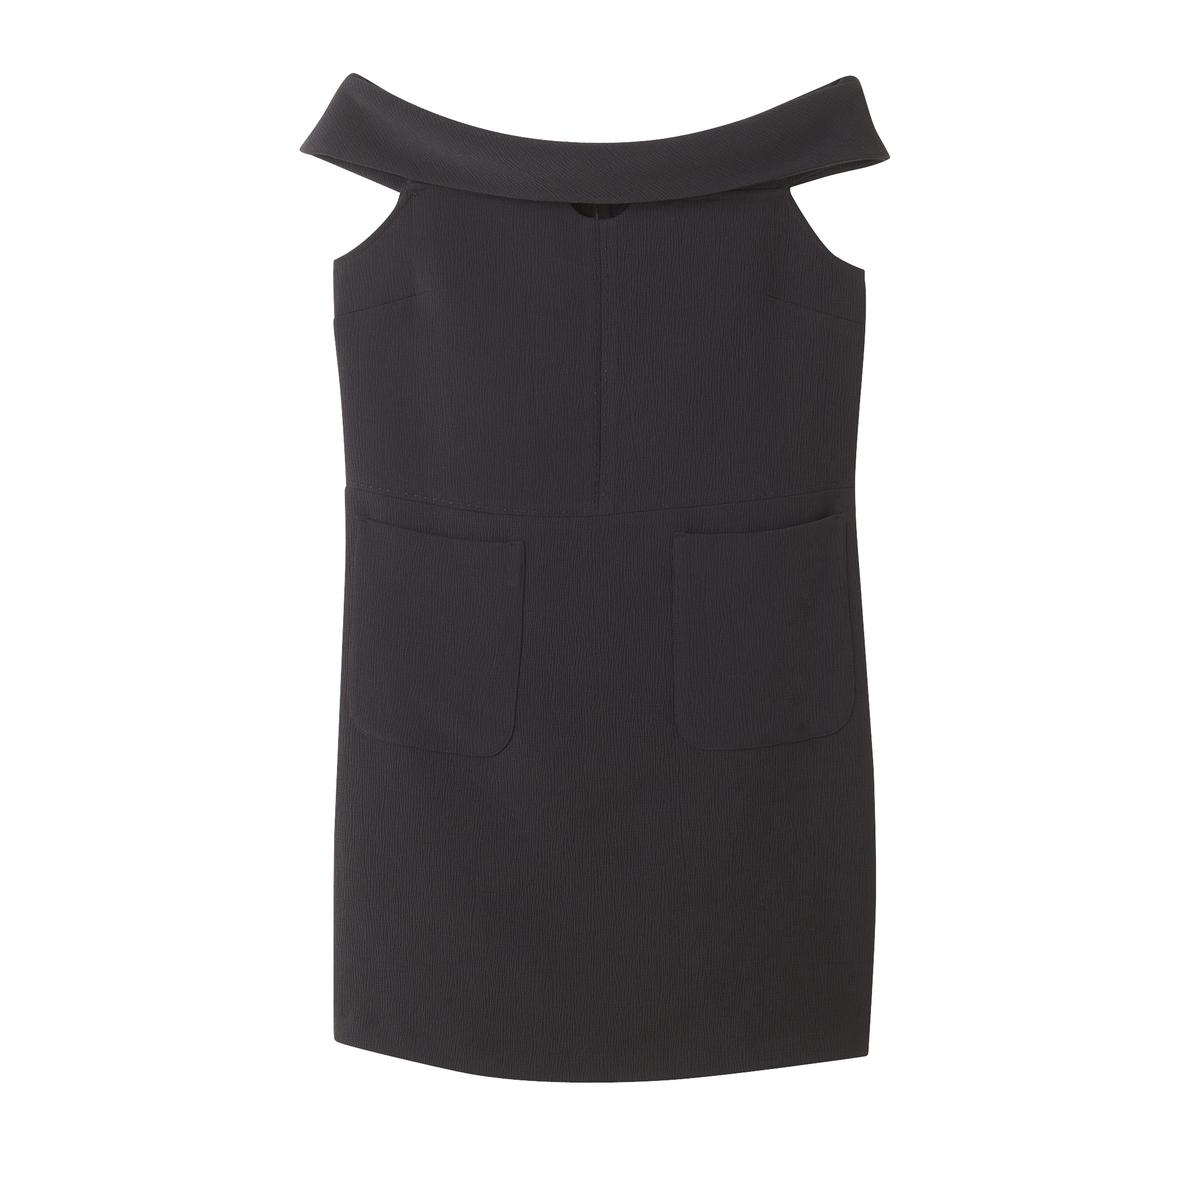 Платье короткое, без рукавовДетали •  Форма : прямая  •  короткое  •  Без рукавов     •  Без воротника Состав и уход •  5% эластана, 95% полиэстера  •  Следуйте советам по уходу, указанным на этикетке<br><br>Цвет: черный<br>Размер: S.XS.M